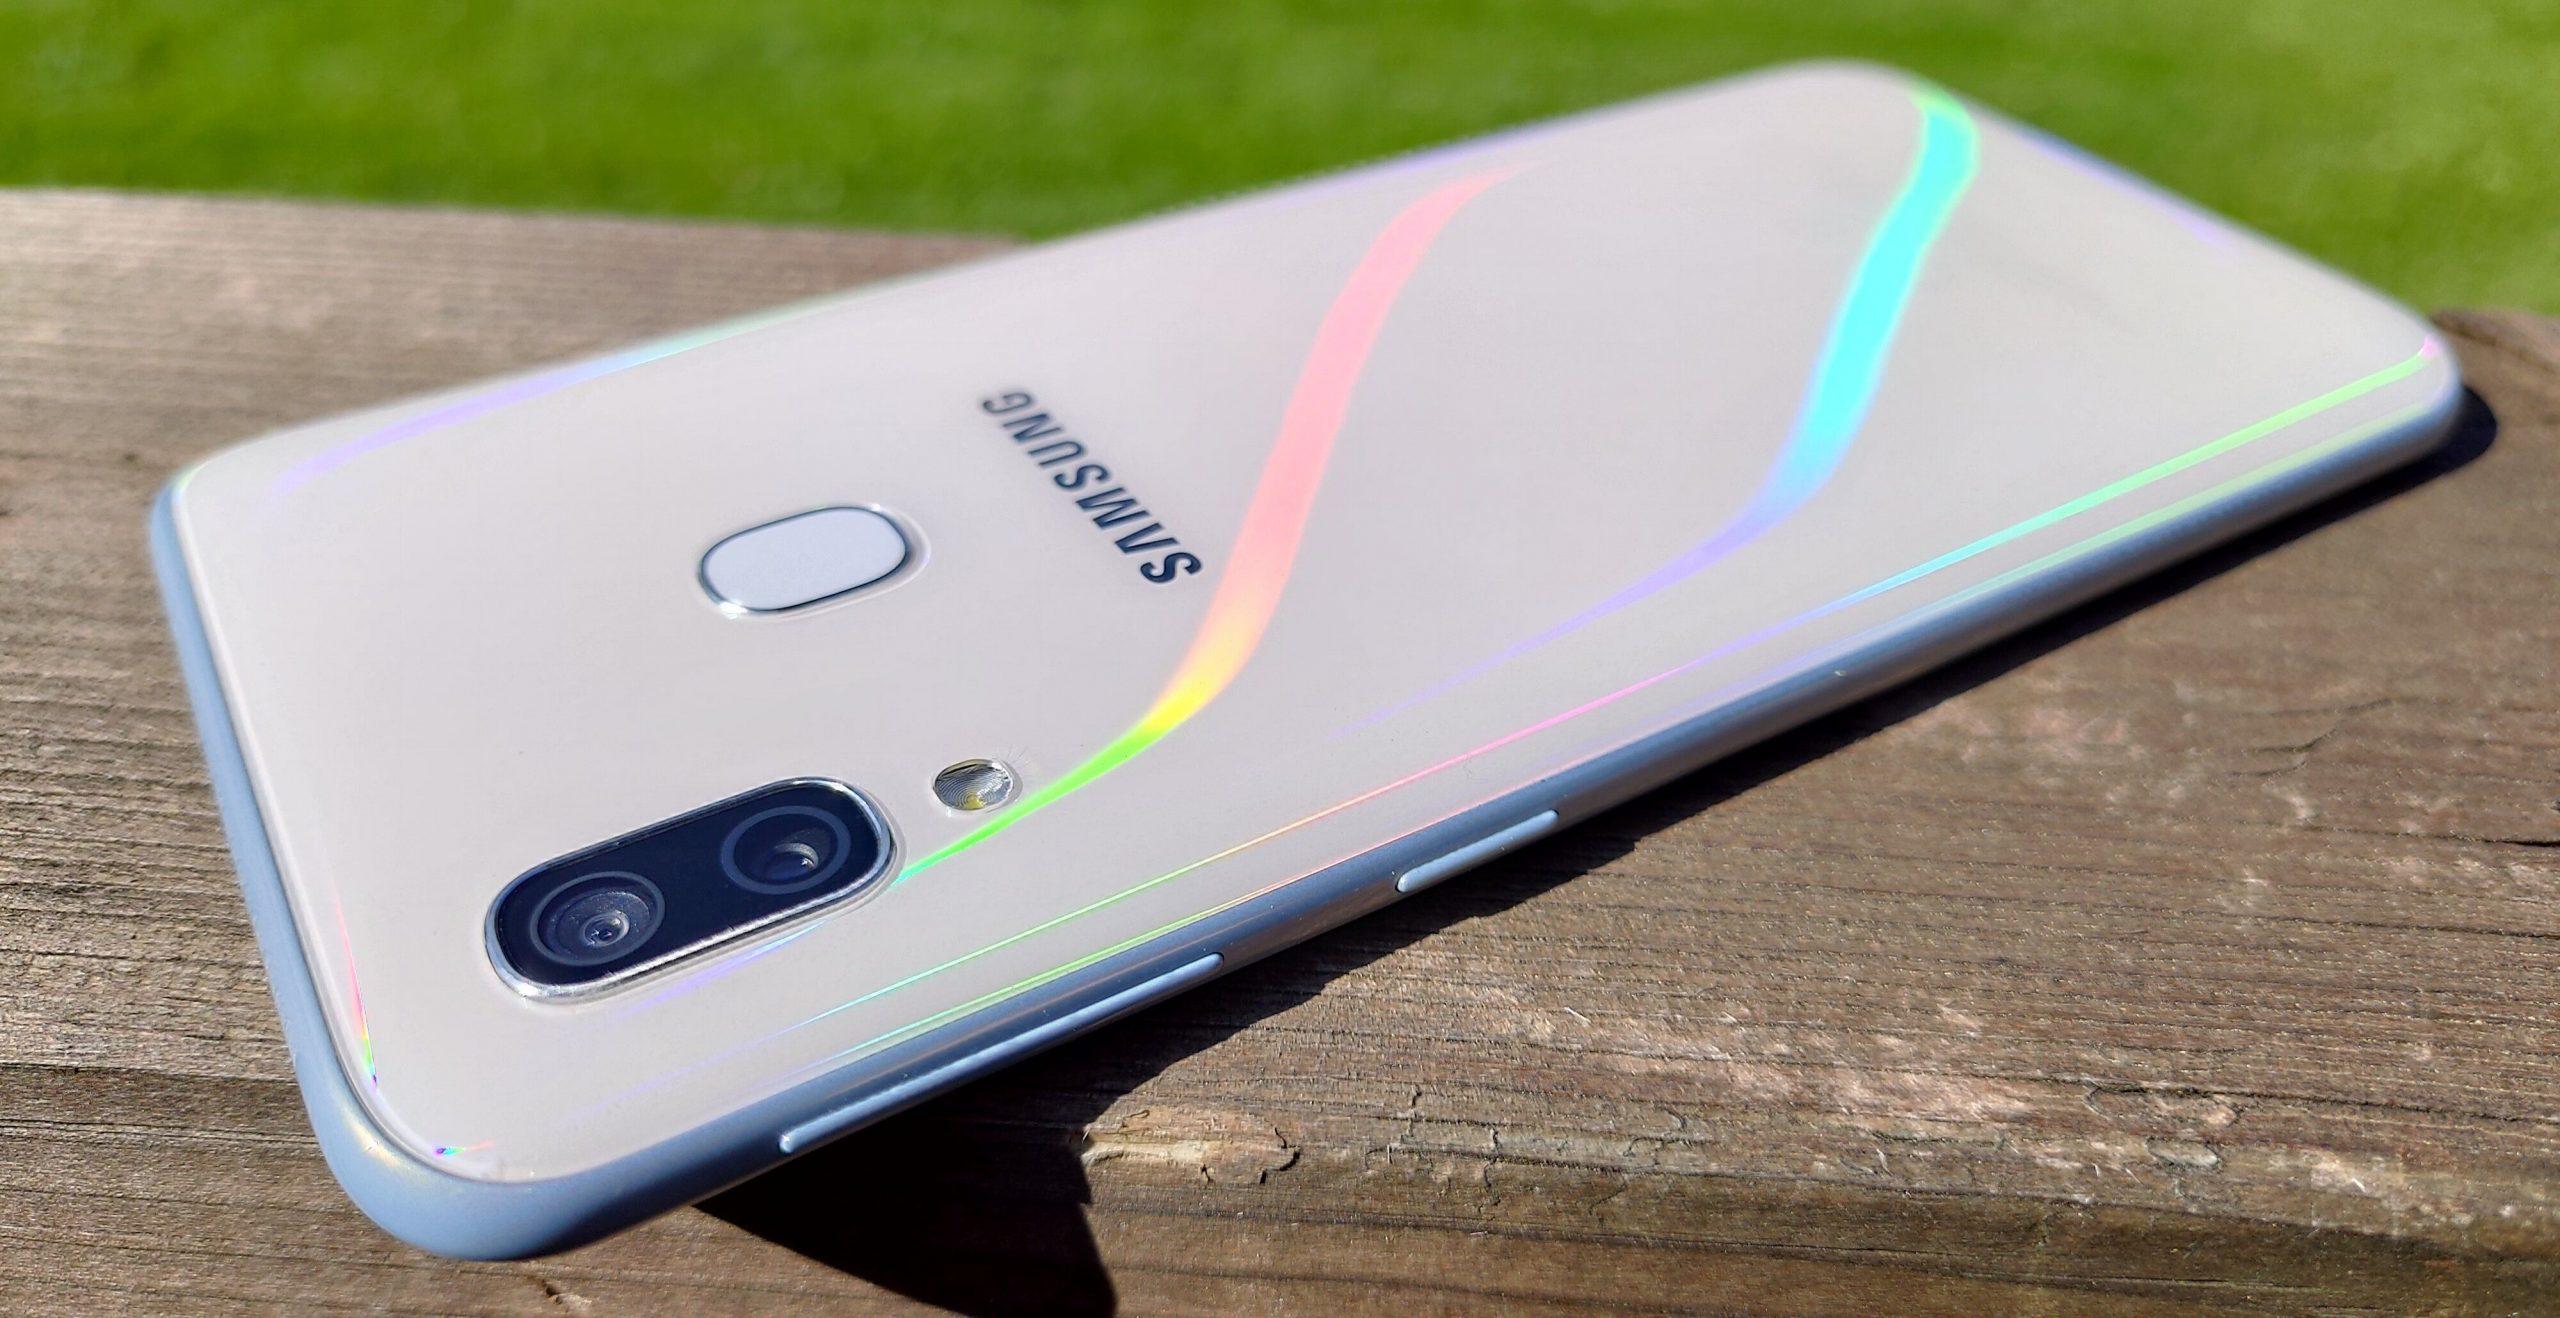 Muovinen takakuori heijastelee auringonvaloa sateenkaaren väreissä. Sormenjälkilukija on nopea ja luotettava.